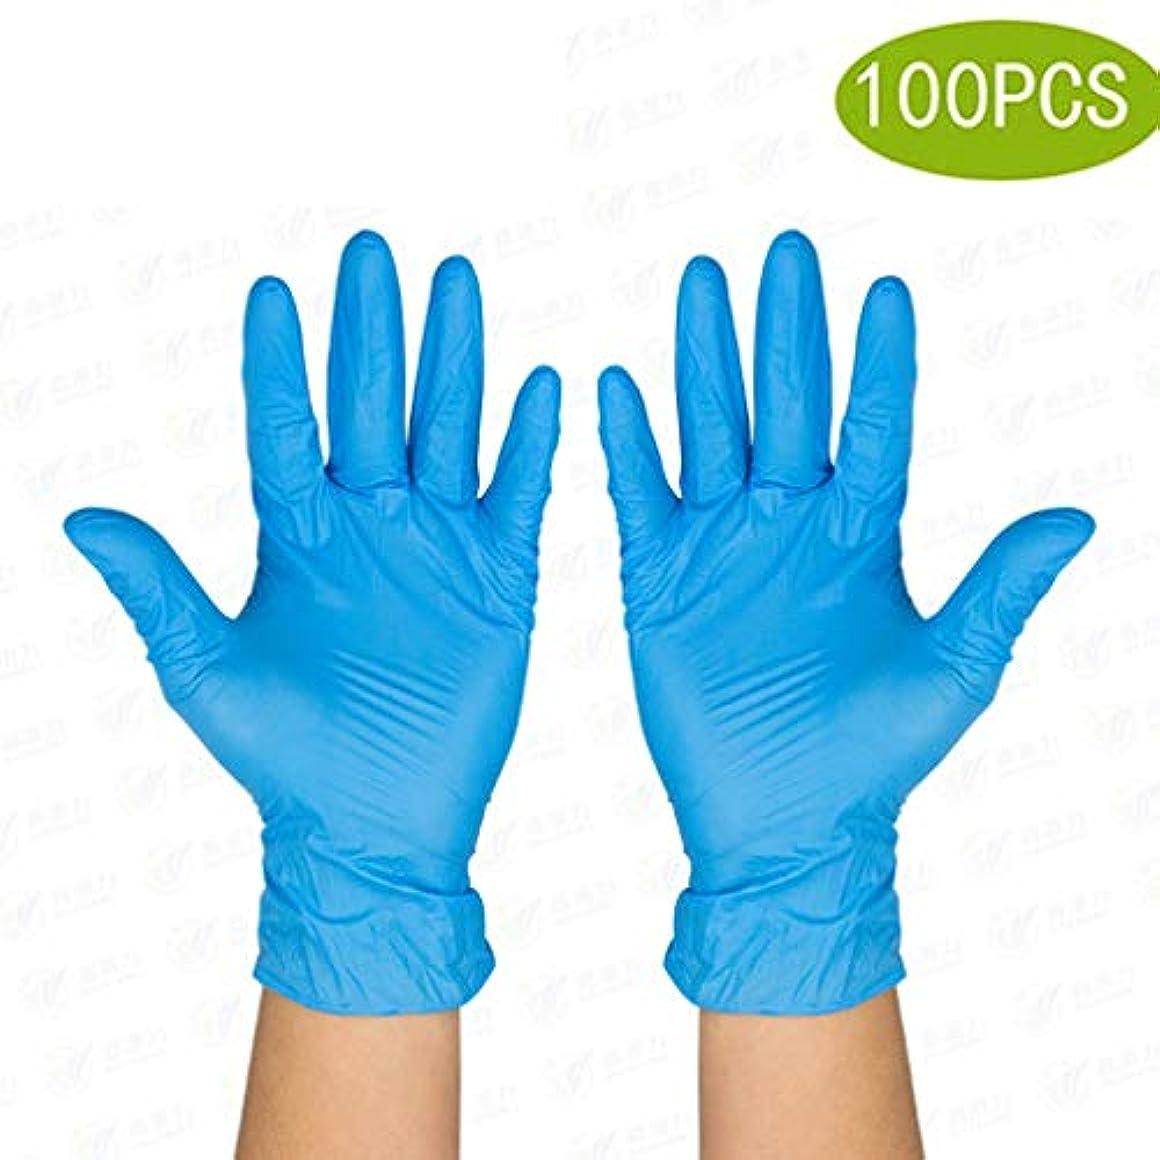 プレフィックスメンタリティ発行する保護用使い捨てニトリル医療用手袋、3mil、ラテックスフリー、試験グレードの手袋、質感のある、両性、非滅菌の、100ラテックス手袋のパック (Color : Blue, Size : L)